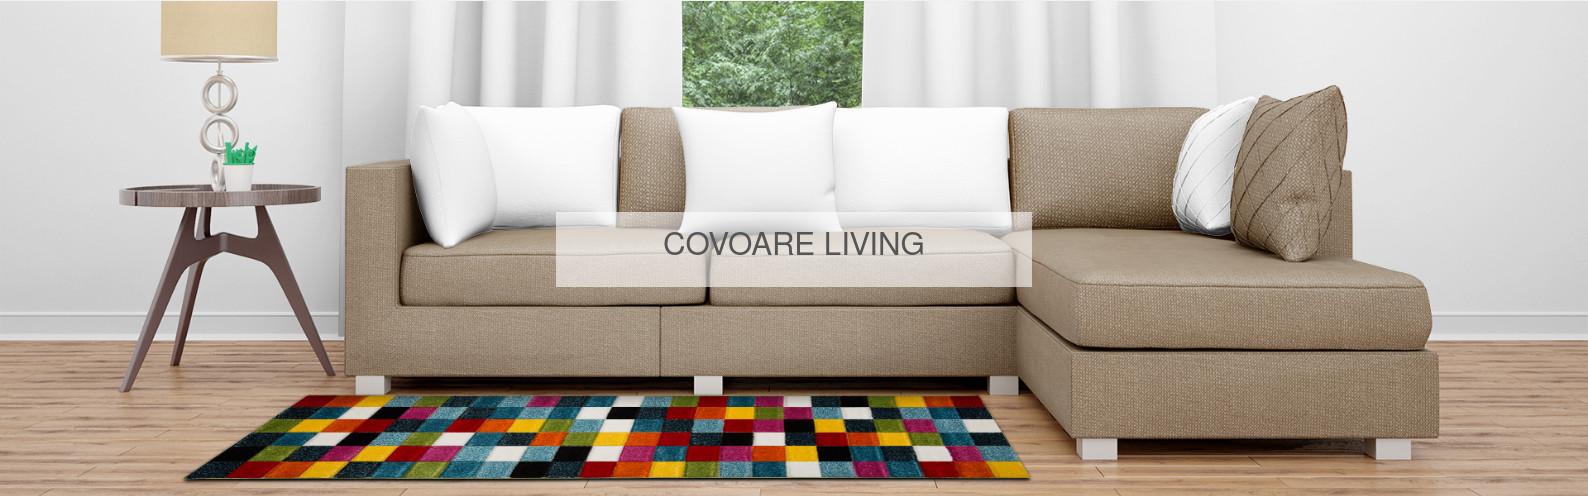 Covoare living